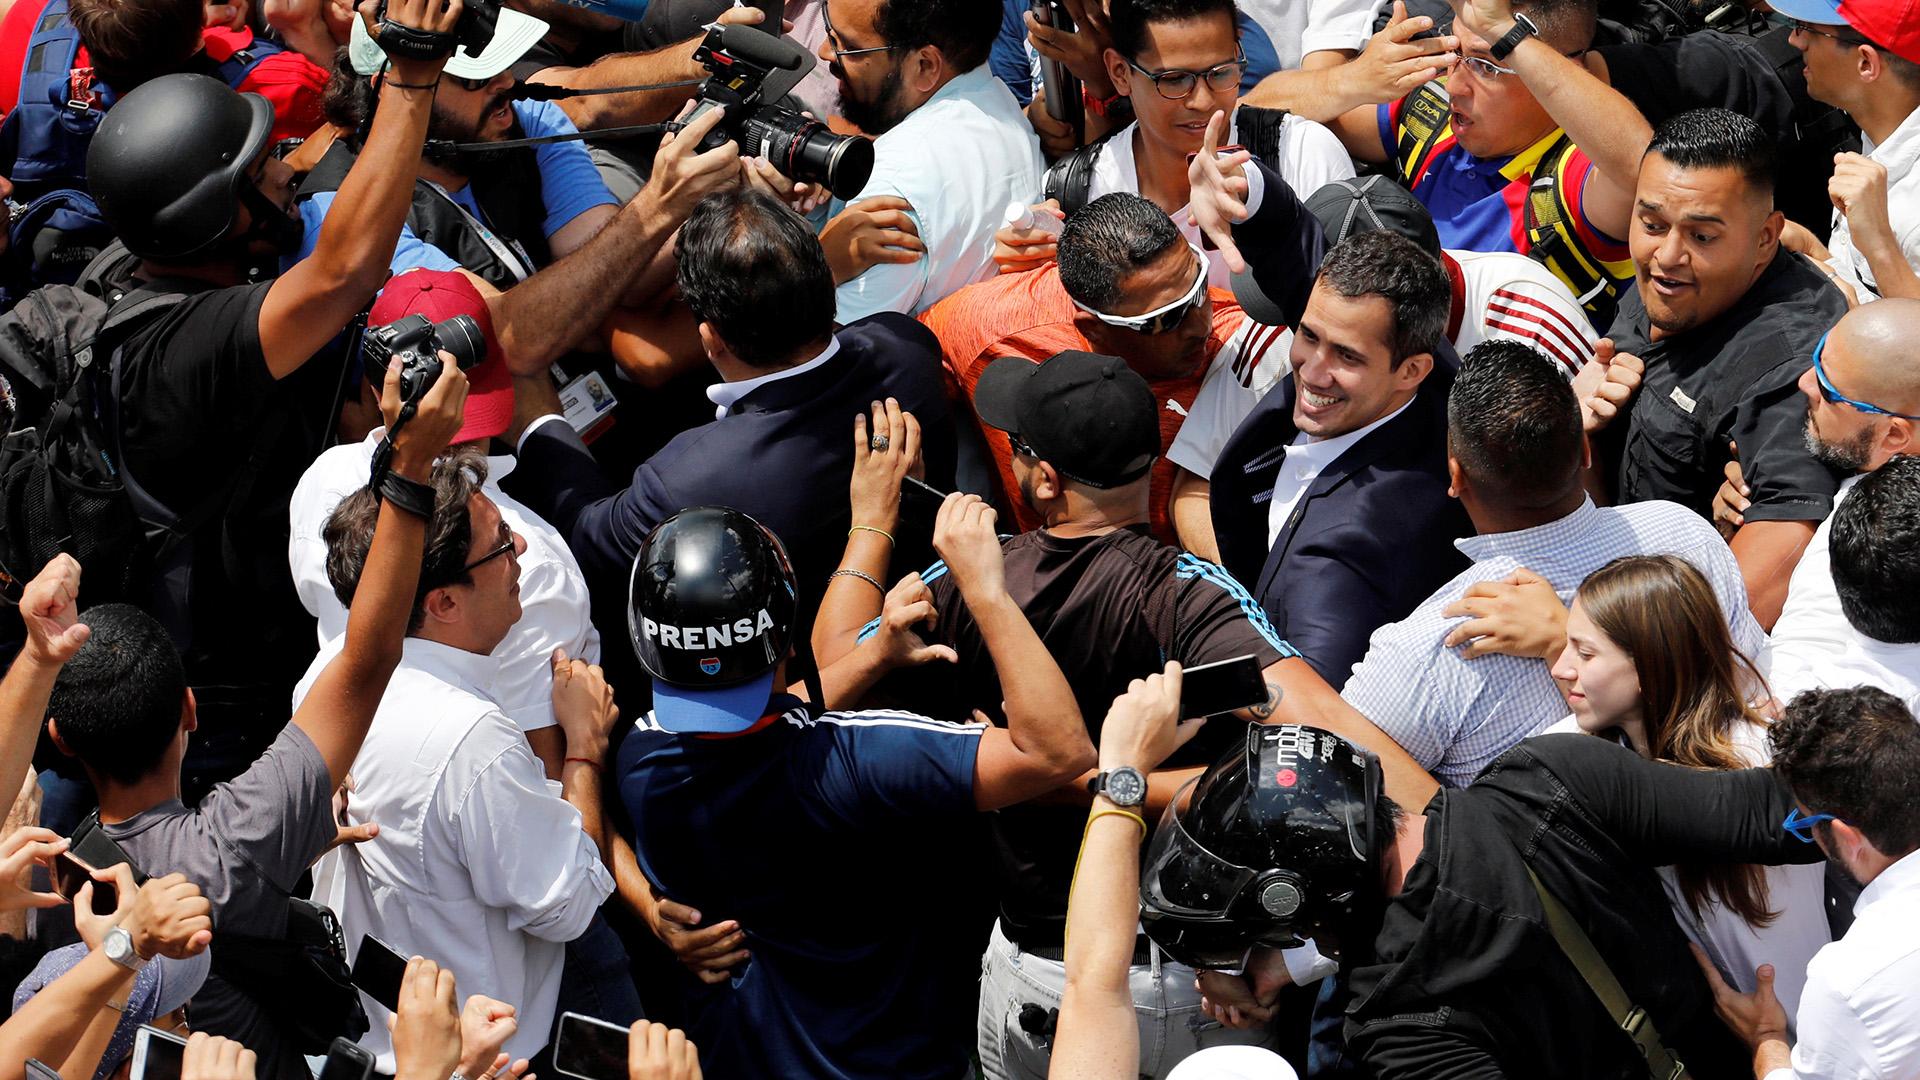 El líder opositor venezolano Juan Guaido, a quien muchas naciones han reconocido como el legítimo gobernante interino del país, saluda a sus partidarios durante un mitin contra el gobierno del presidente venezolano Nicolás Maduro en Caracas, Venezuela, 4 de marzo de 2019. (Reuters)